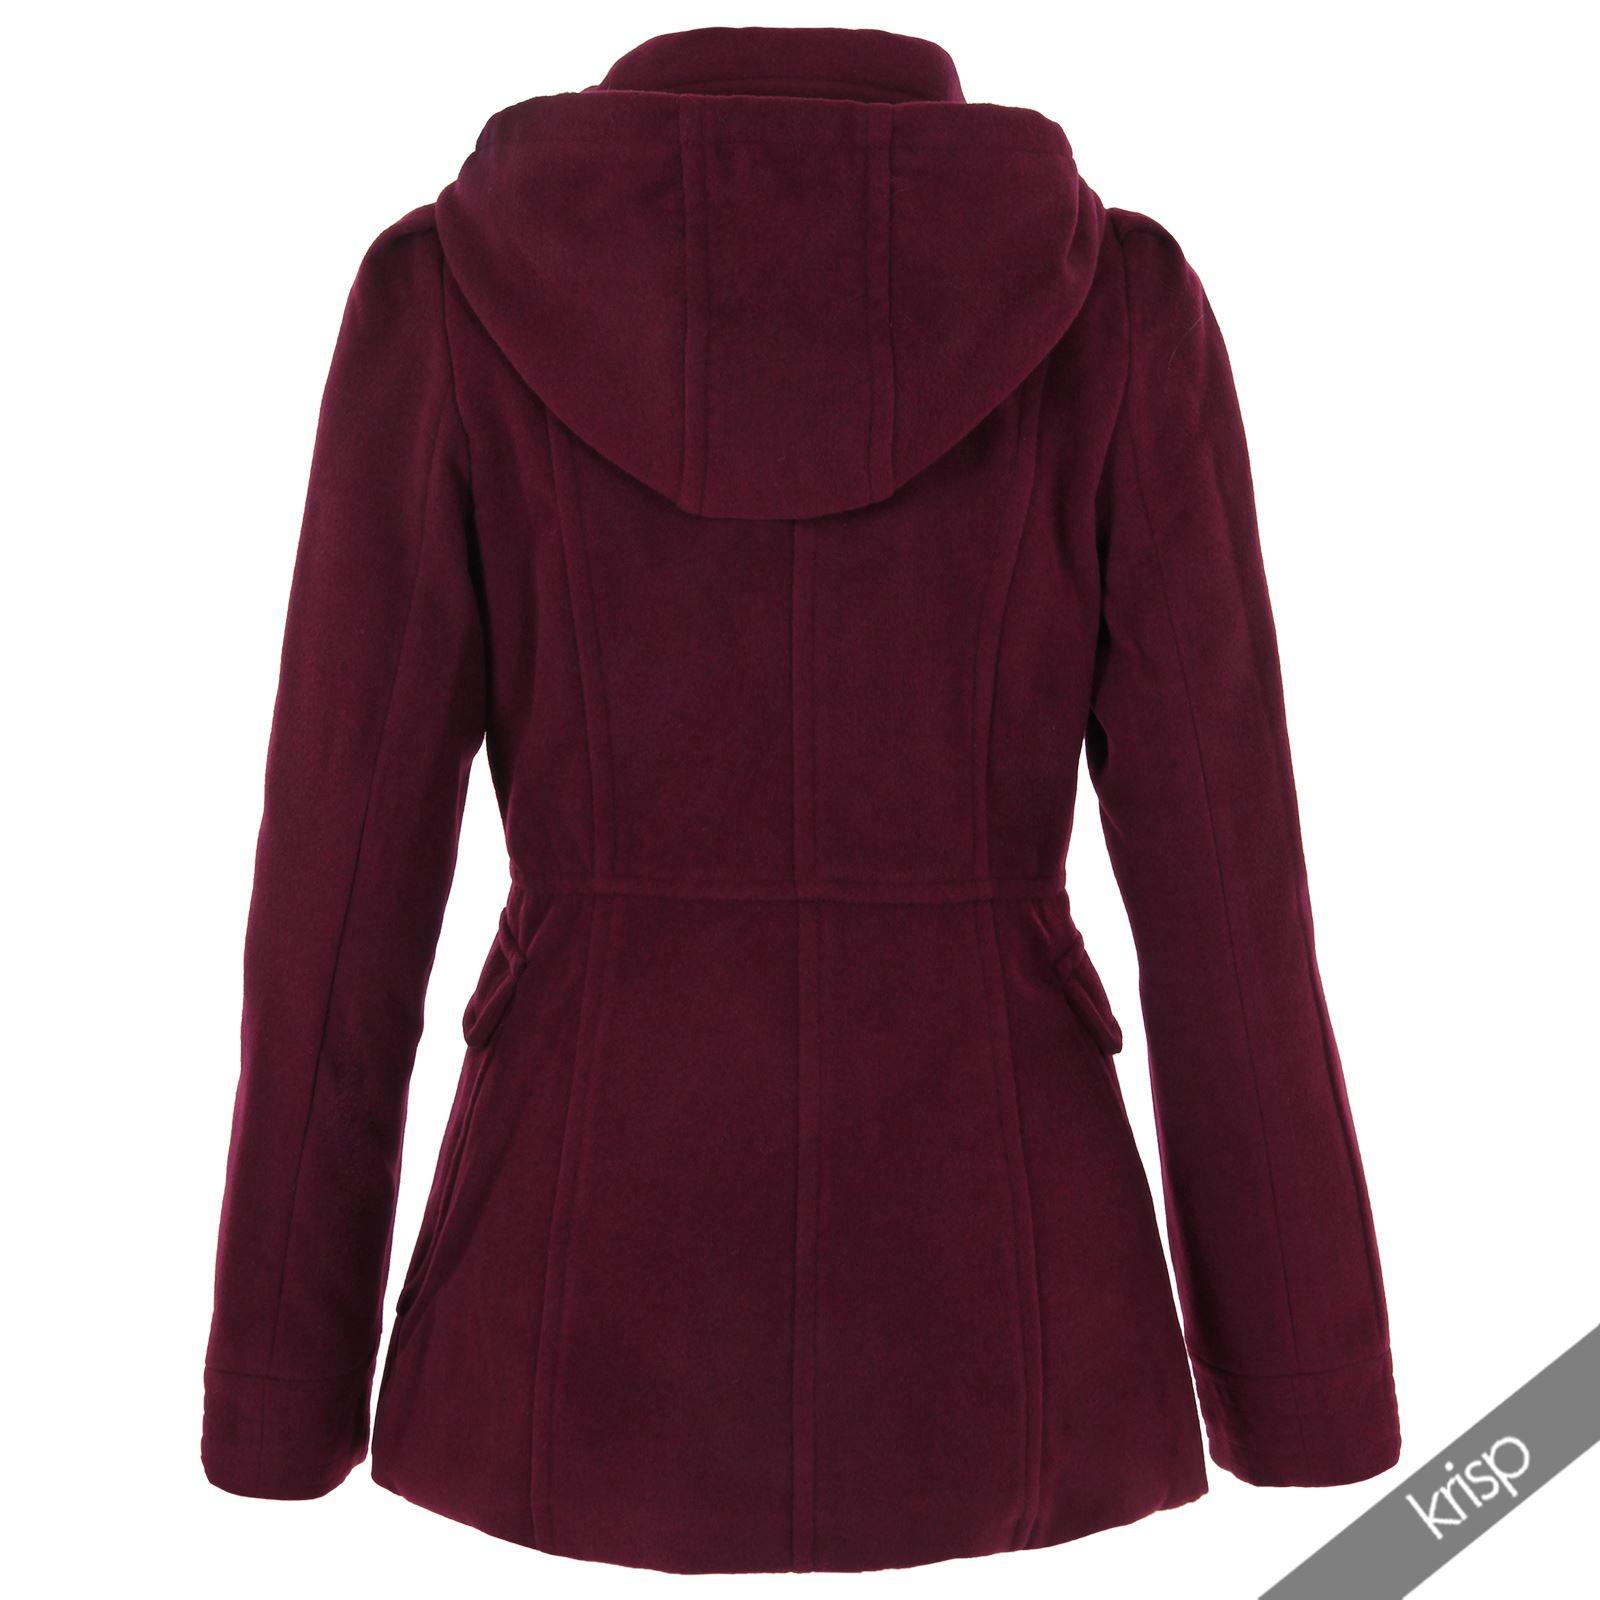 krisp femme manteau duffle coat capuche col rond boutons double rang e laine ebay. Black Bedroom Furniture Sets. Home Design Ideas